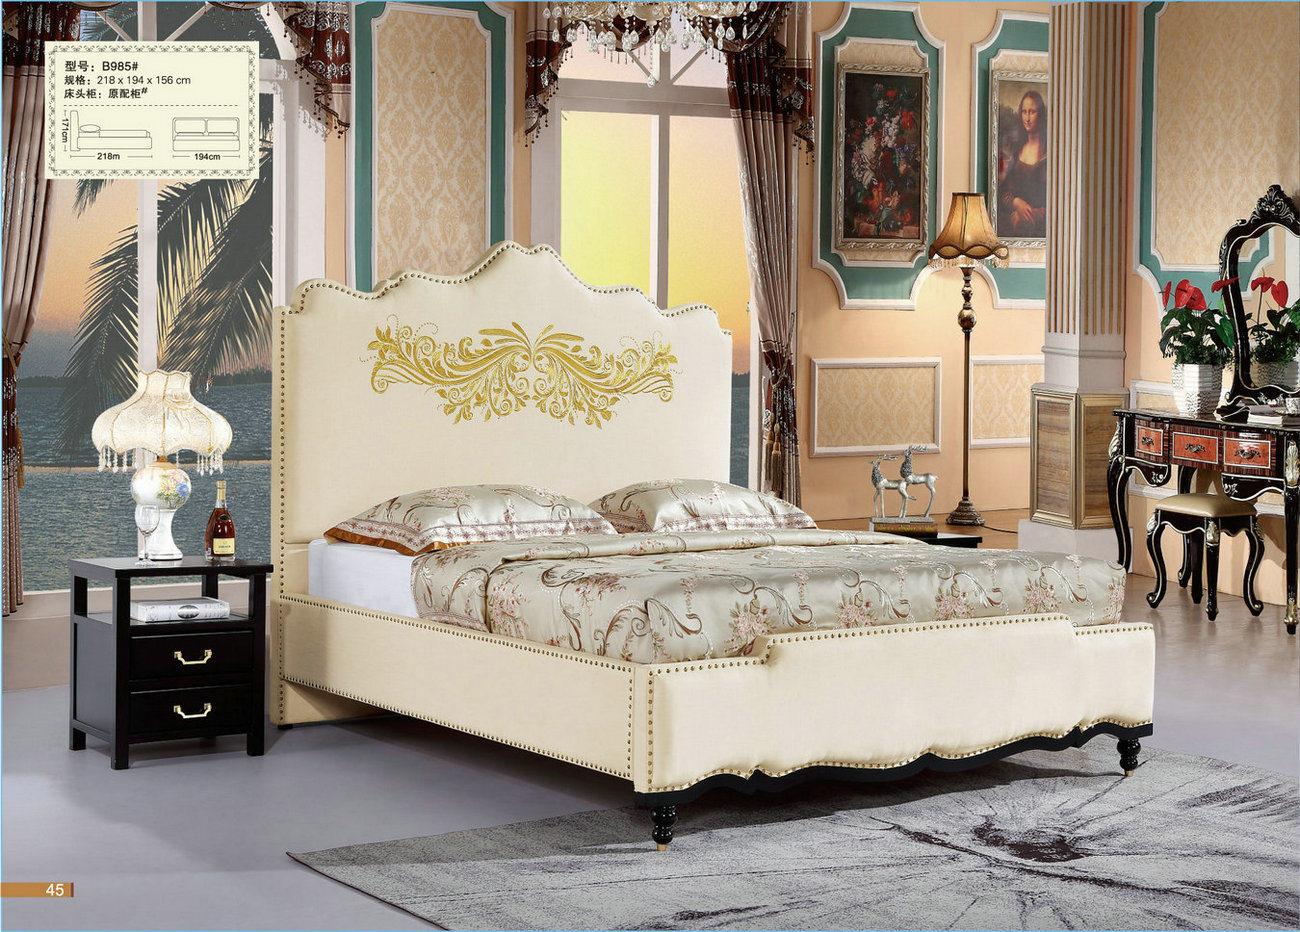 [Hot Item] Chambre à coucher Meubles modernes de conception simple petit  lit de la GAC Tissu (B985)